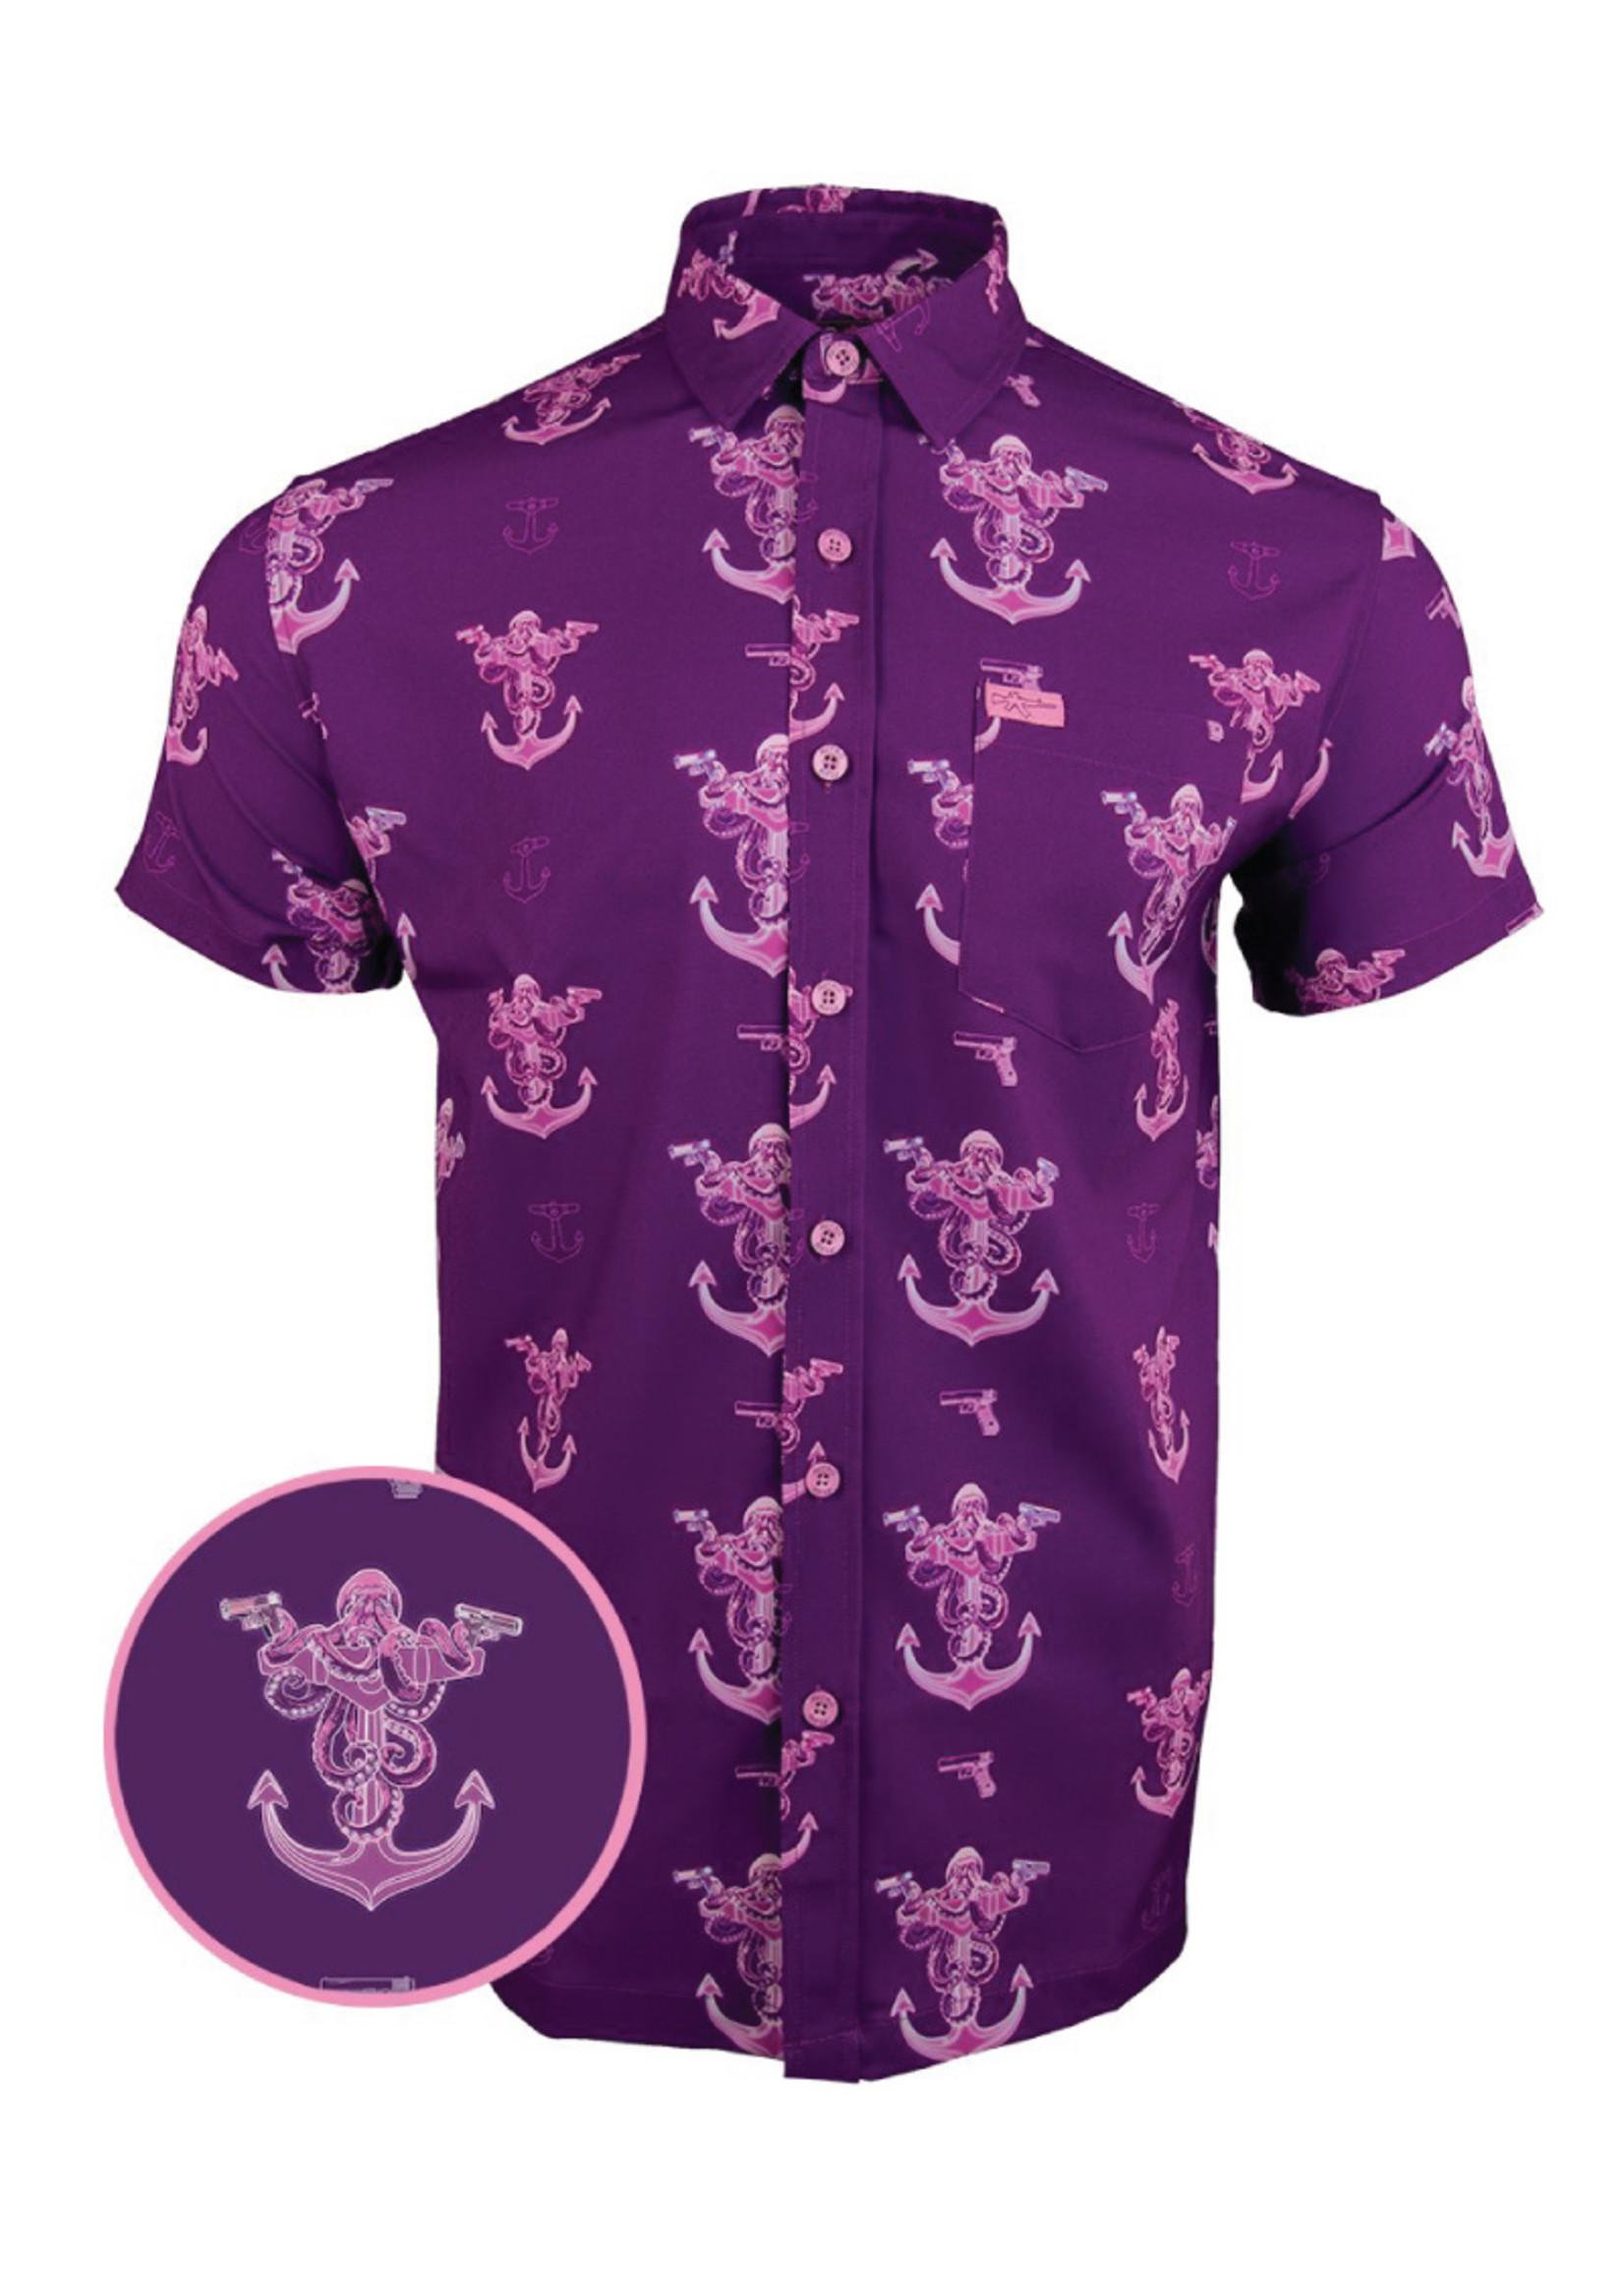 Retro Rifle Glocktopus Hawaiian Shirt